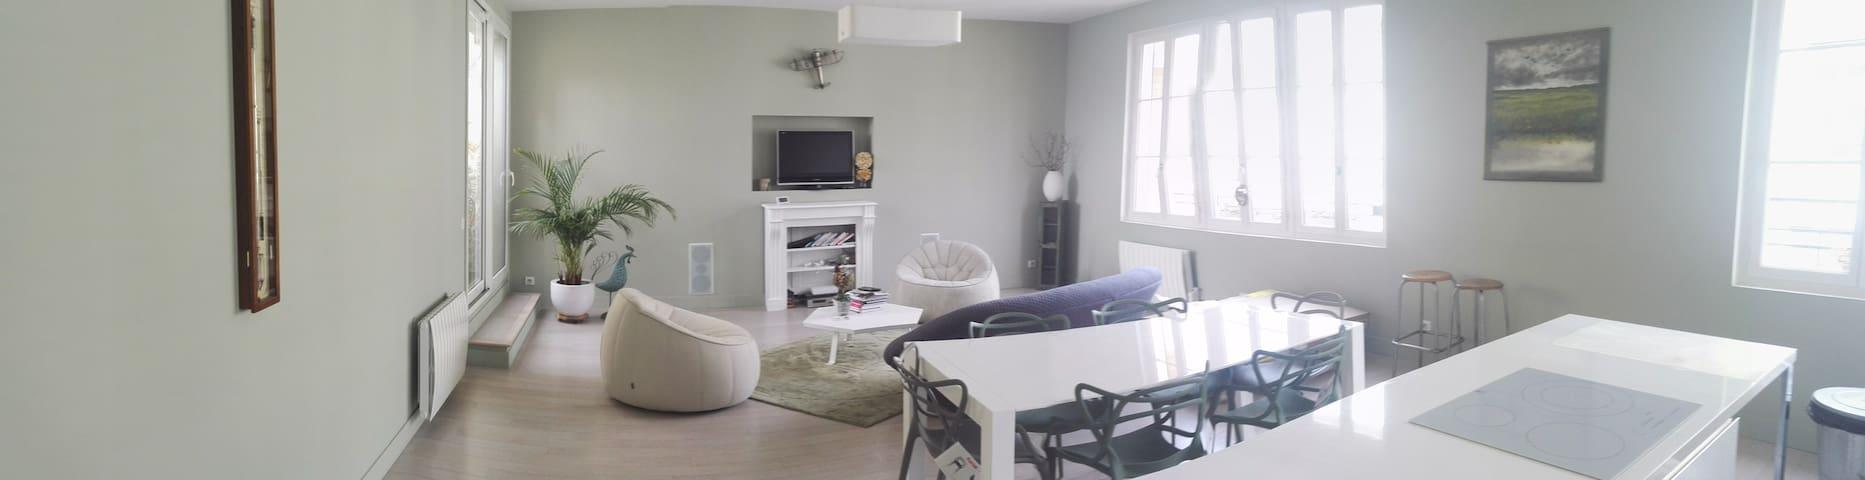 Appartement calme et spacieux Centre Ville - Mantes-la-Jolie - Appartement